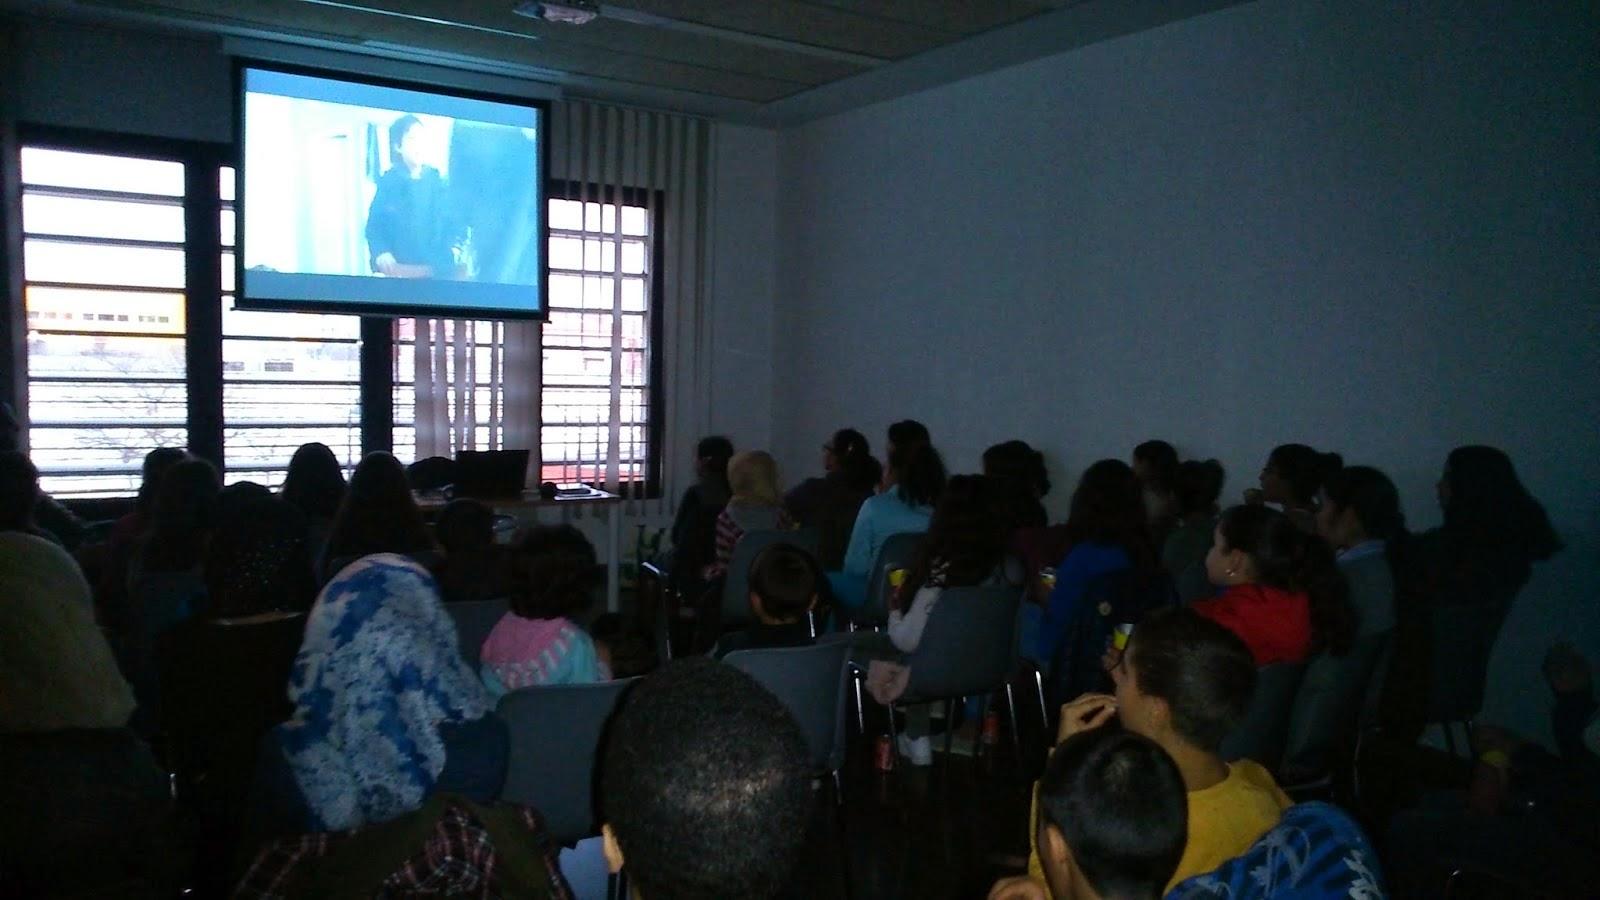 La Comunidad Islámica Al- IJLAS de Terrassa organiza una actividad sobre Cine y educación en valores